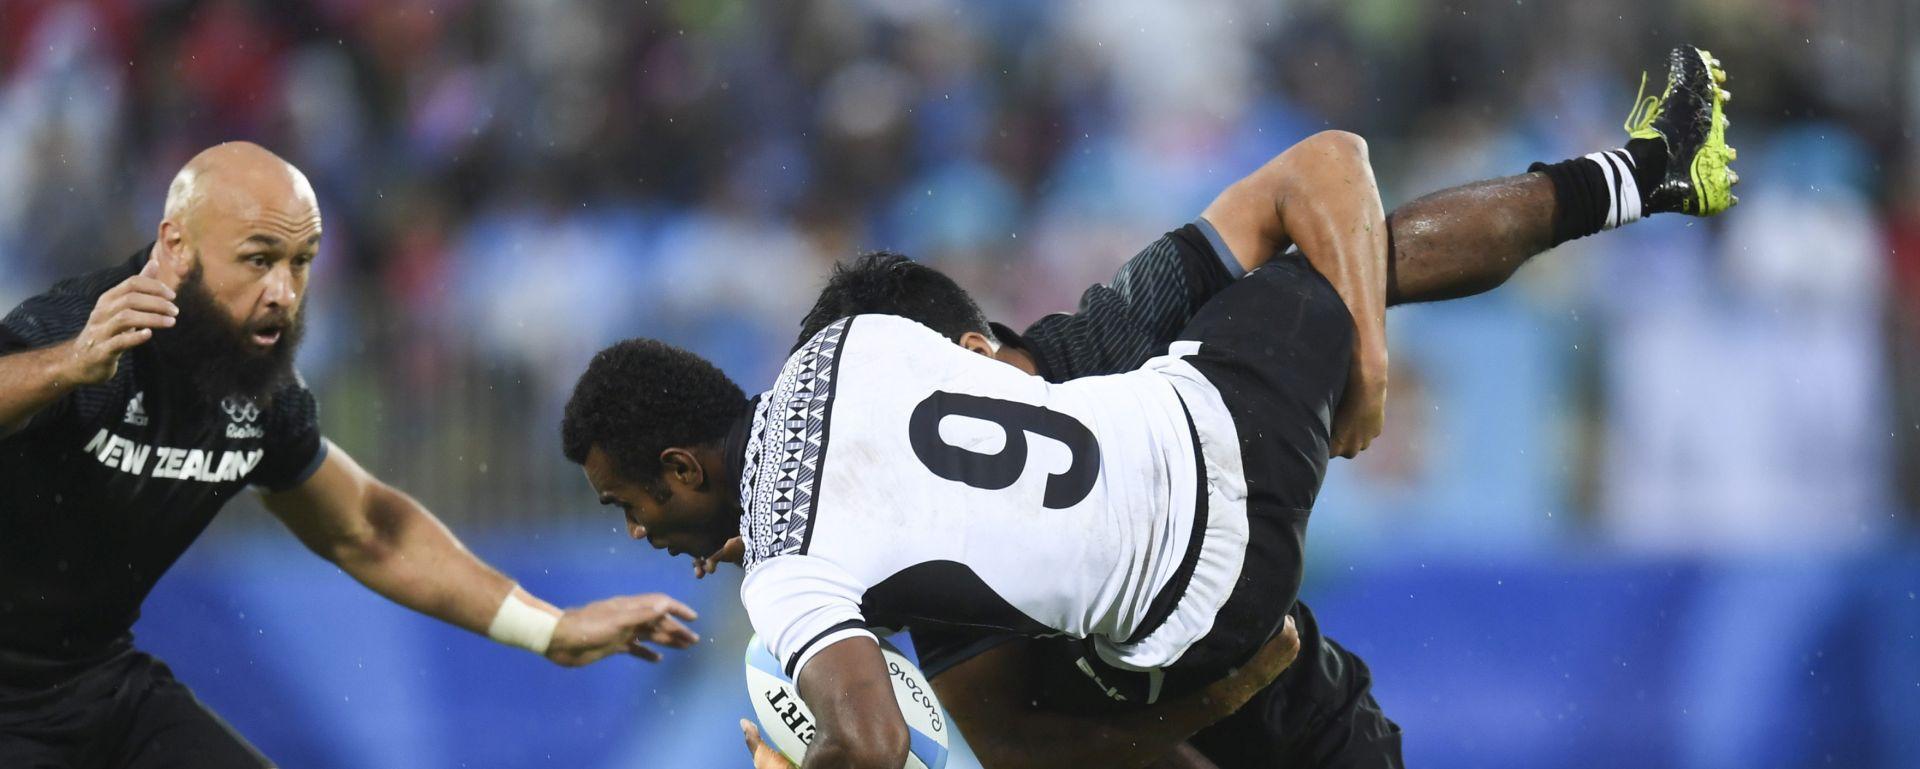 Fidži proglasio državni praznik nakon prve olimpijske medalje u povijesti